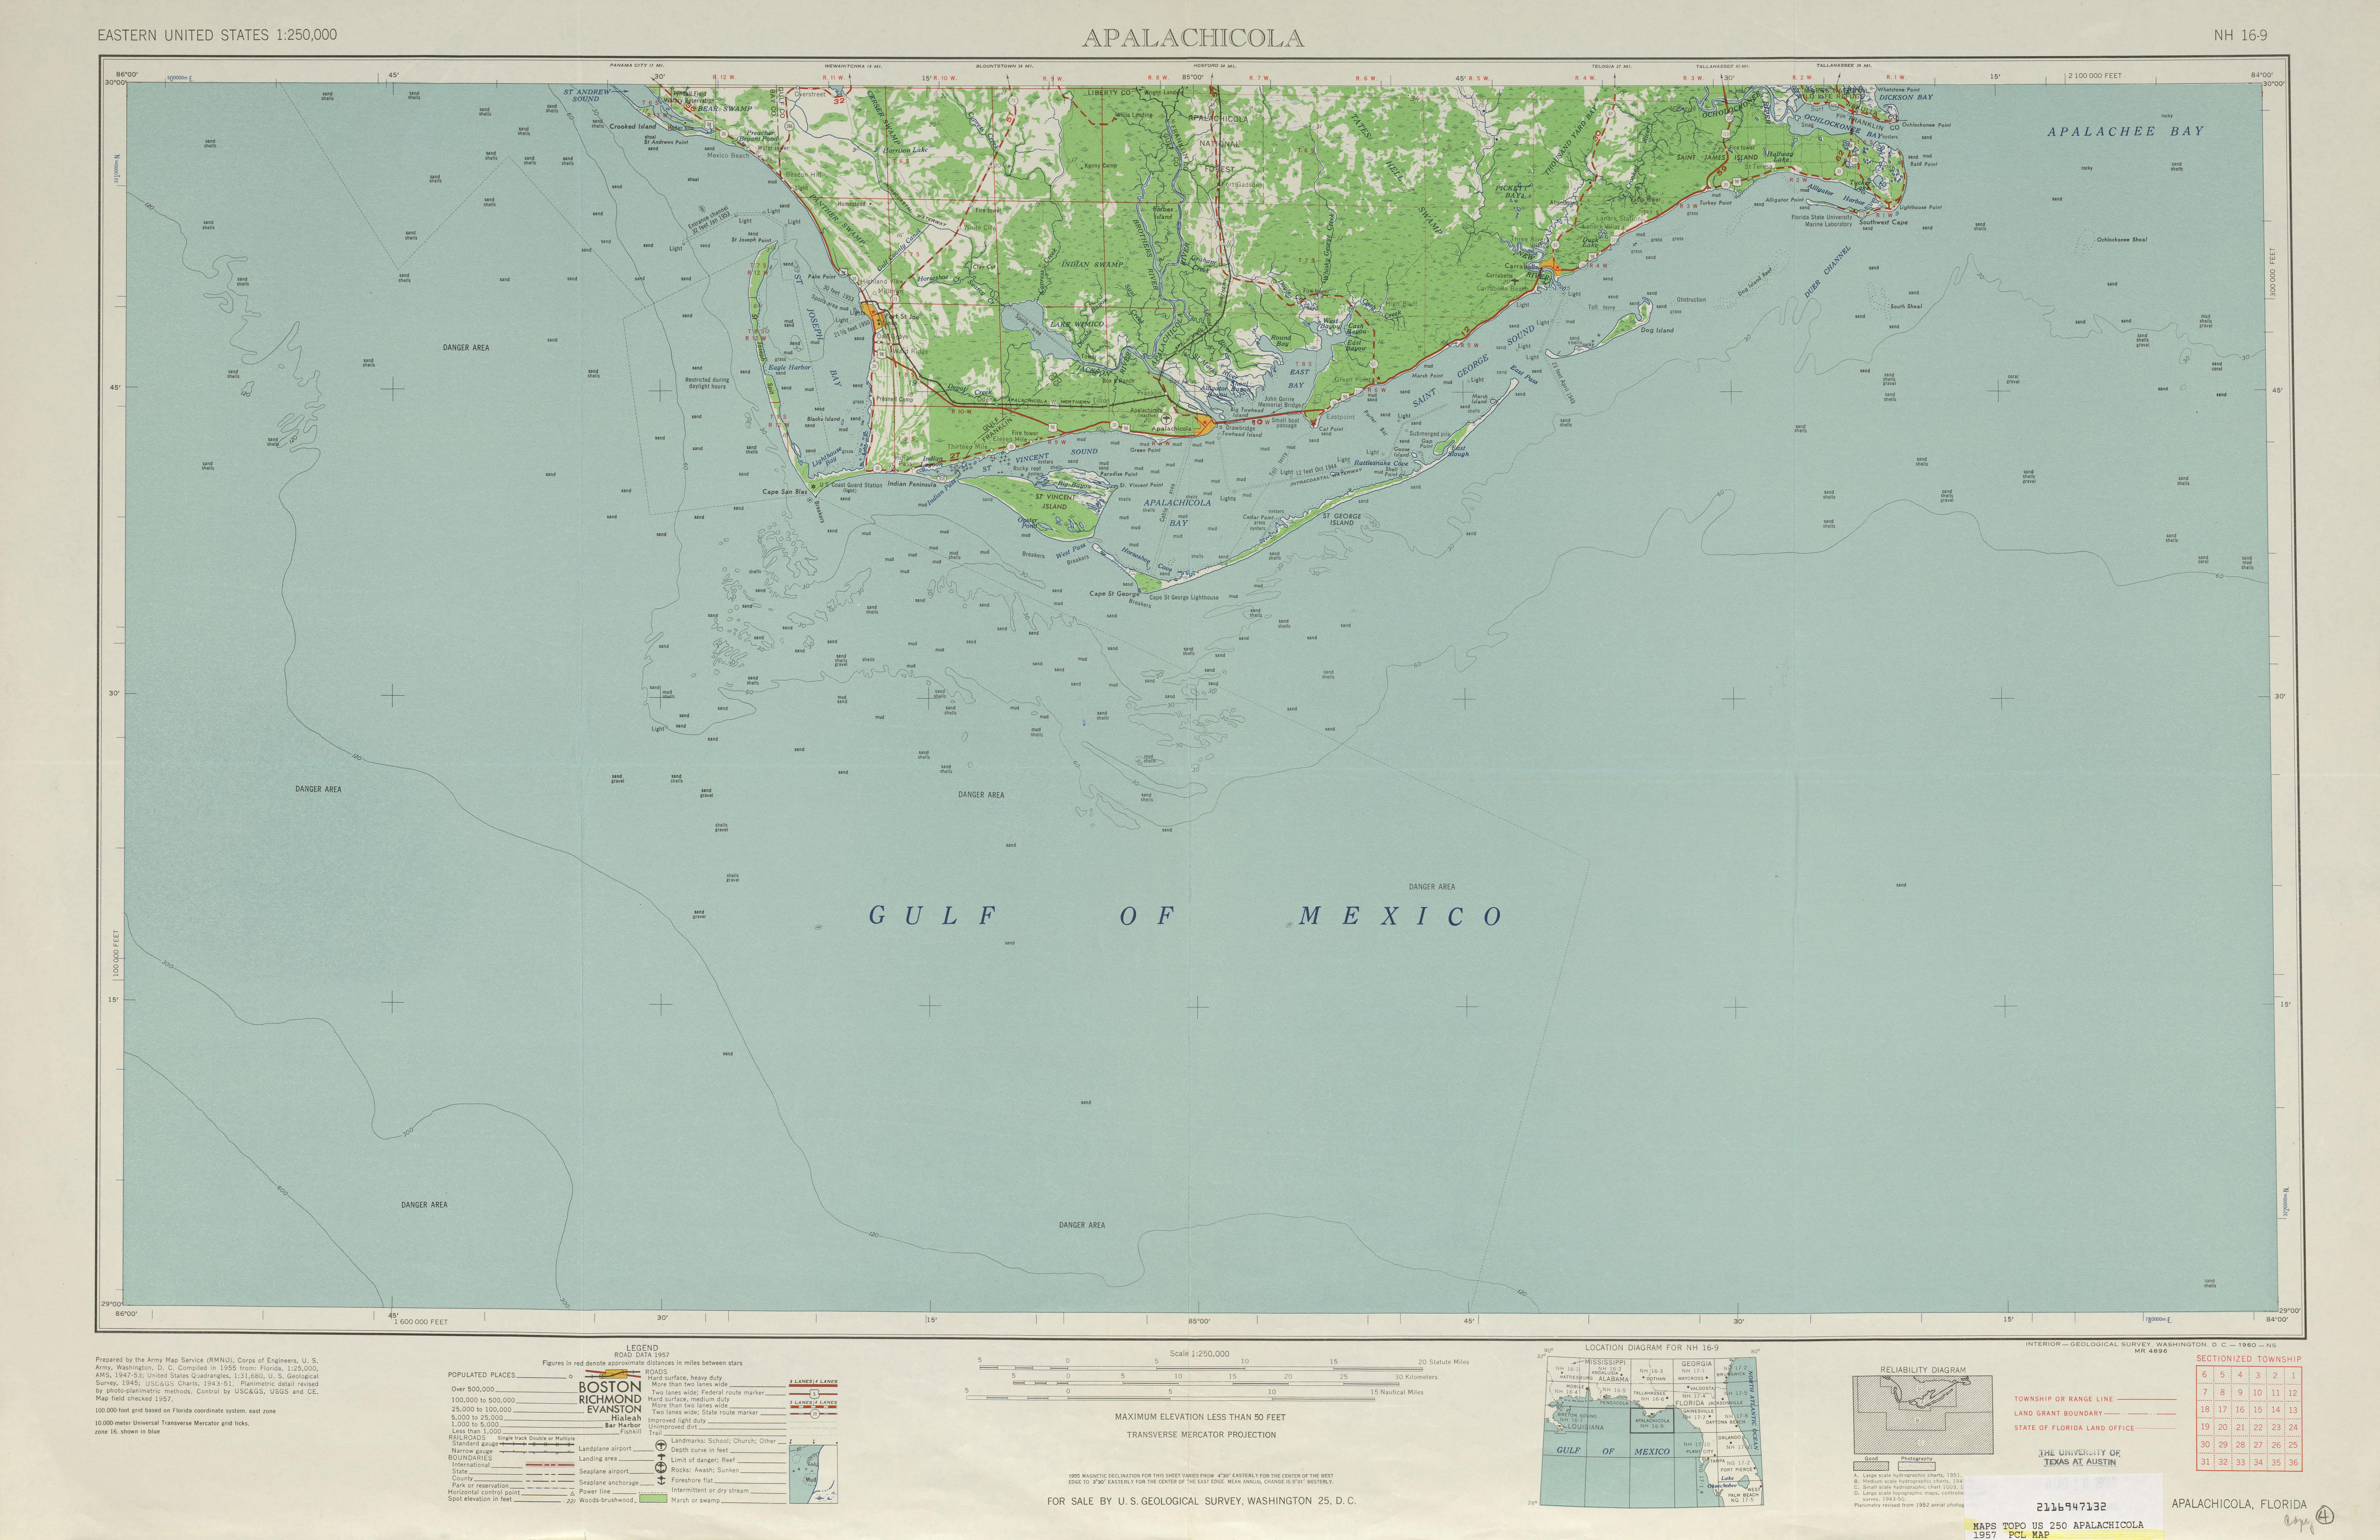 Hoja Apalachicola del Mapa Topográfico de los Estados Unidos 1957